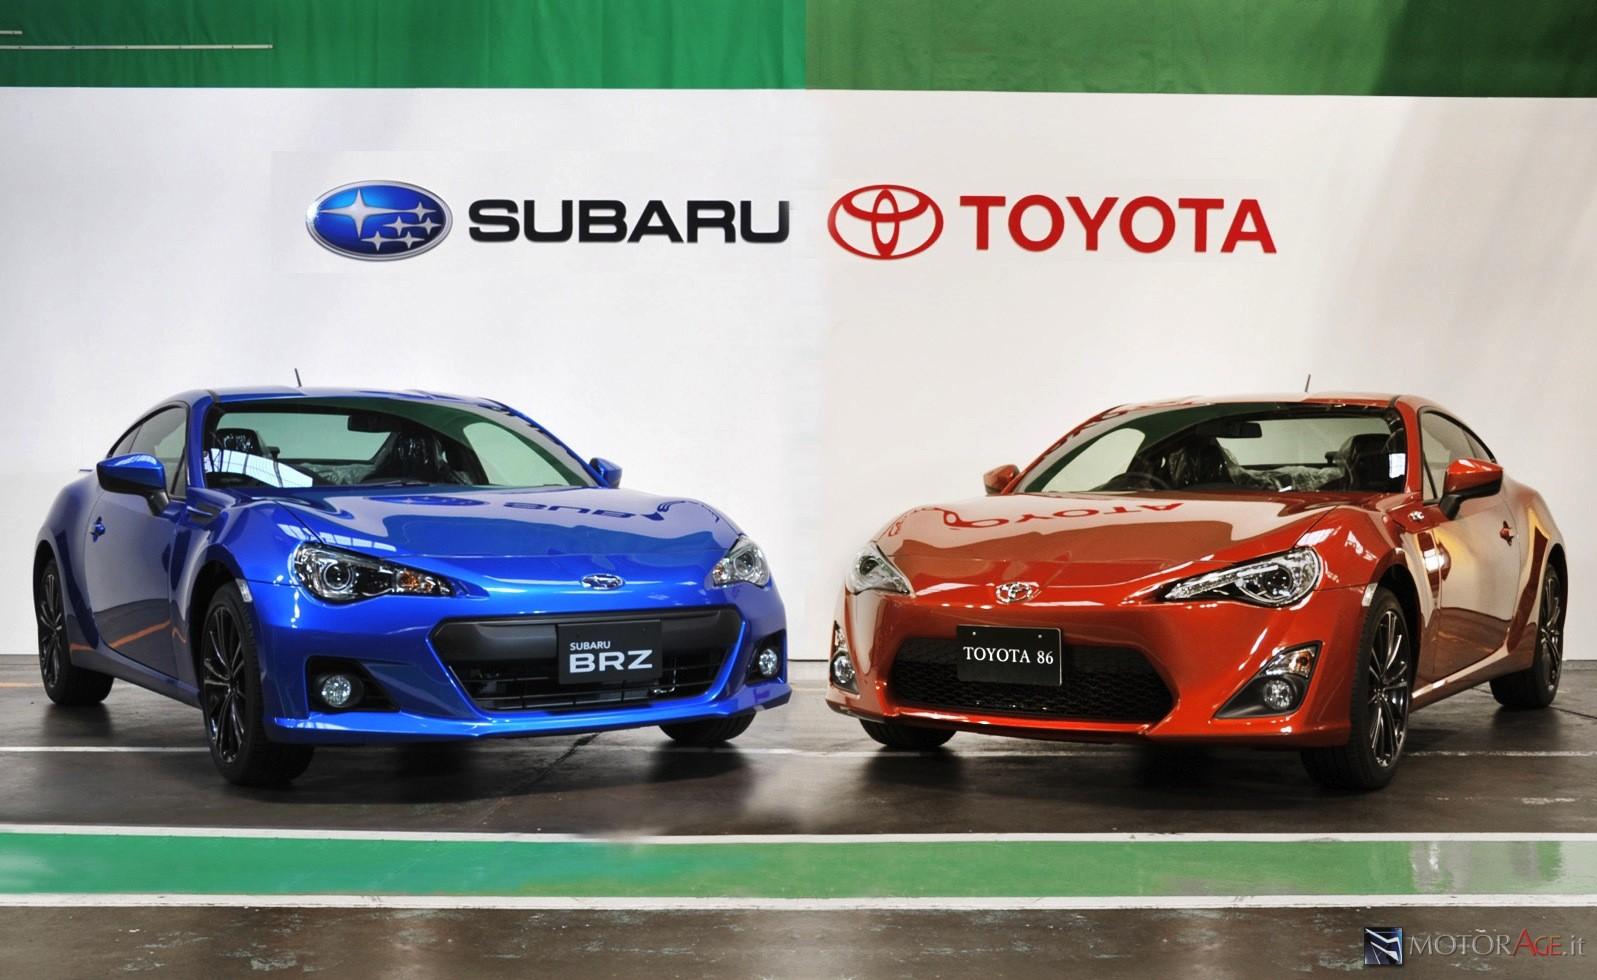 Toyota GT86 e Subaru BRZ: nel 2021 la seconda generazione